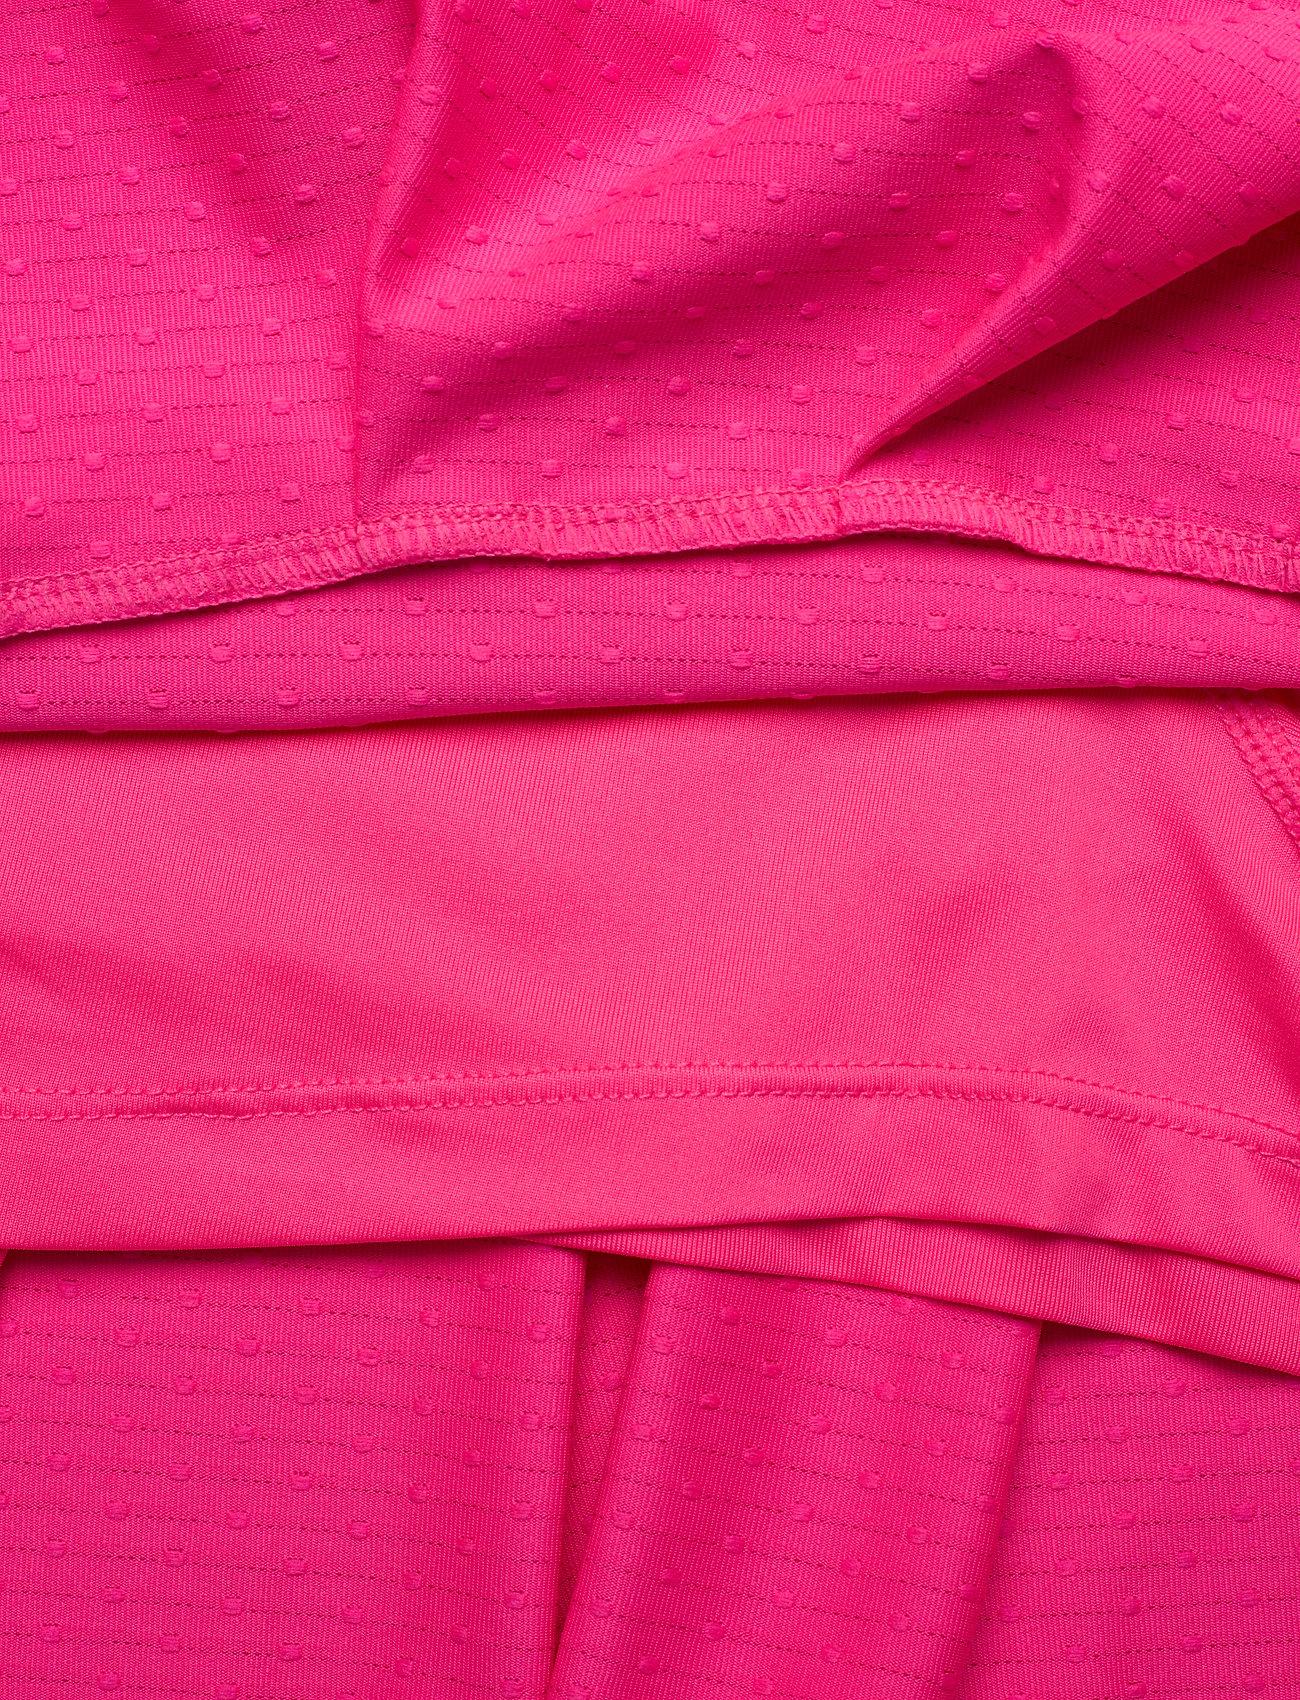 Daily Sports RITA SKORT 45 CM - Spódnice HOT PINK - Kobiety Odzież.